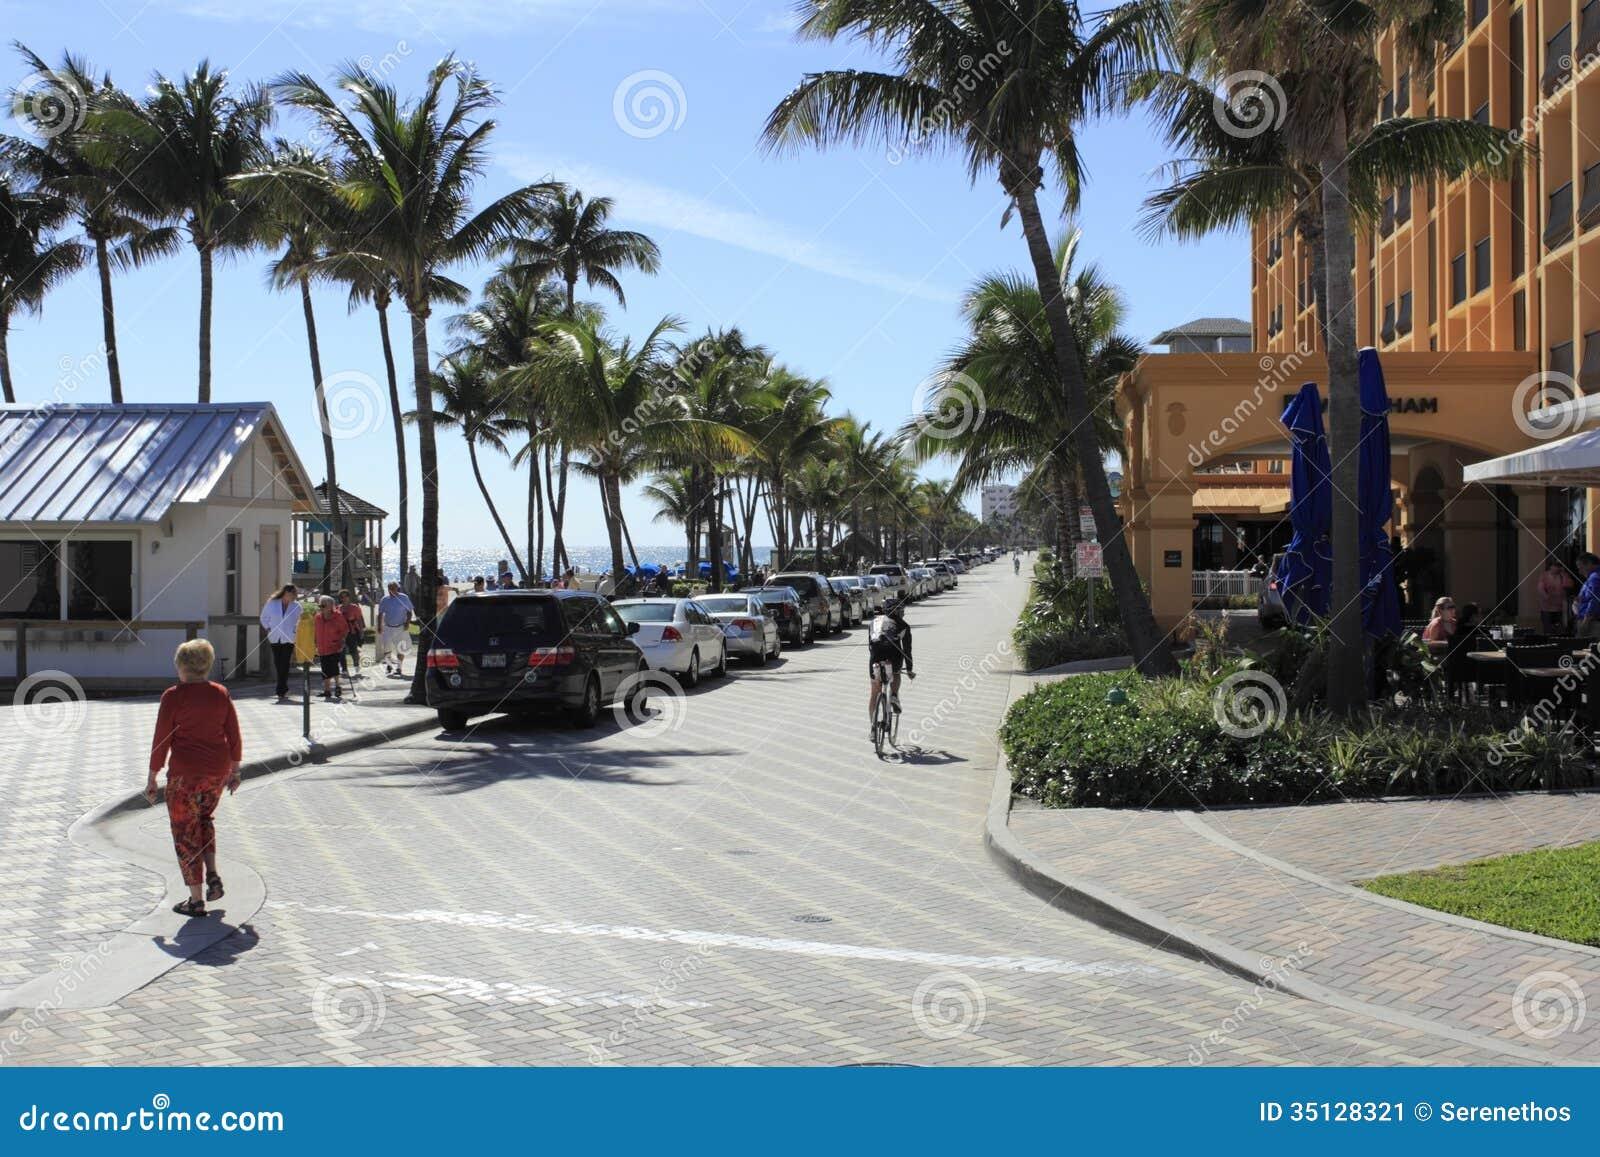 Deerfield Beach Parking